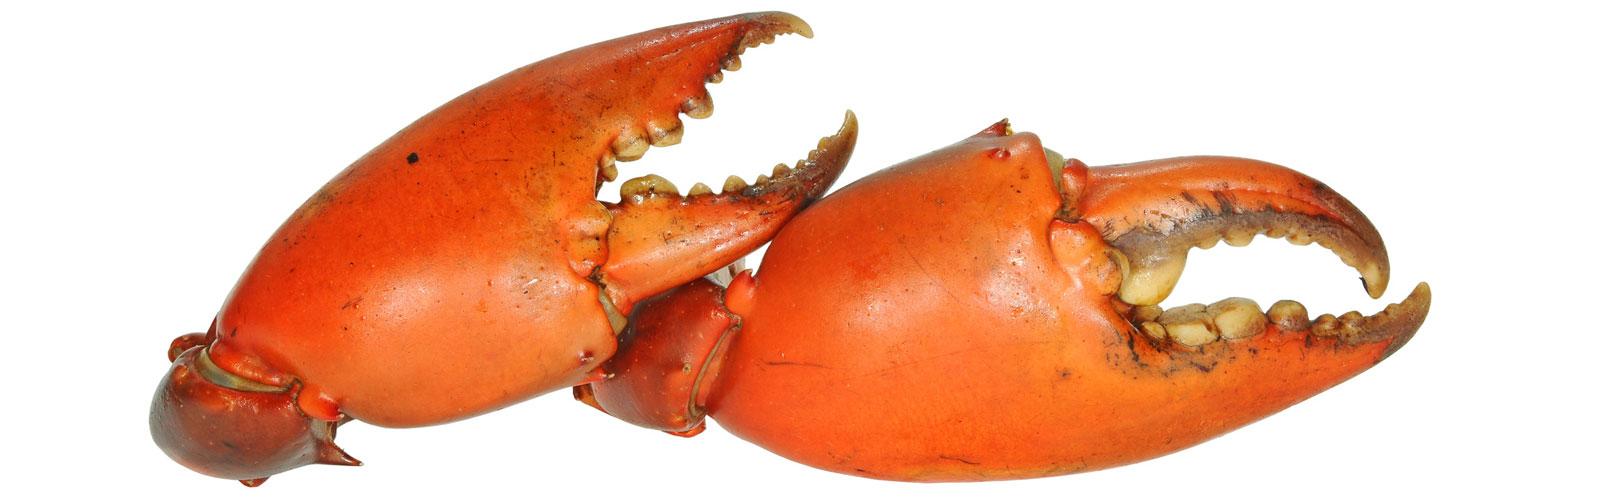 Venta de bocas de cangrejo congeladas - distribuidor bocas de cangrejo - comprar bocas de cangrejo